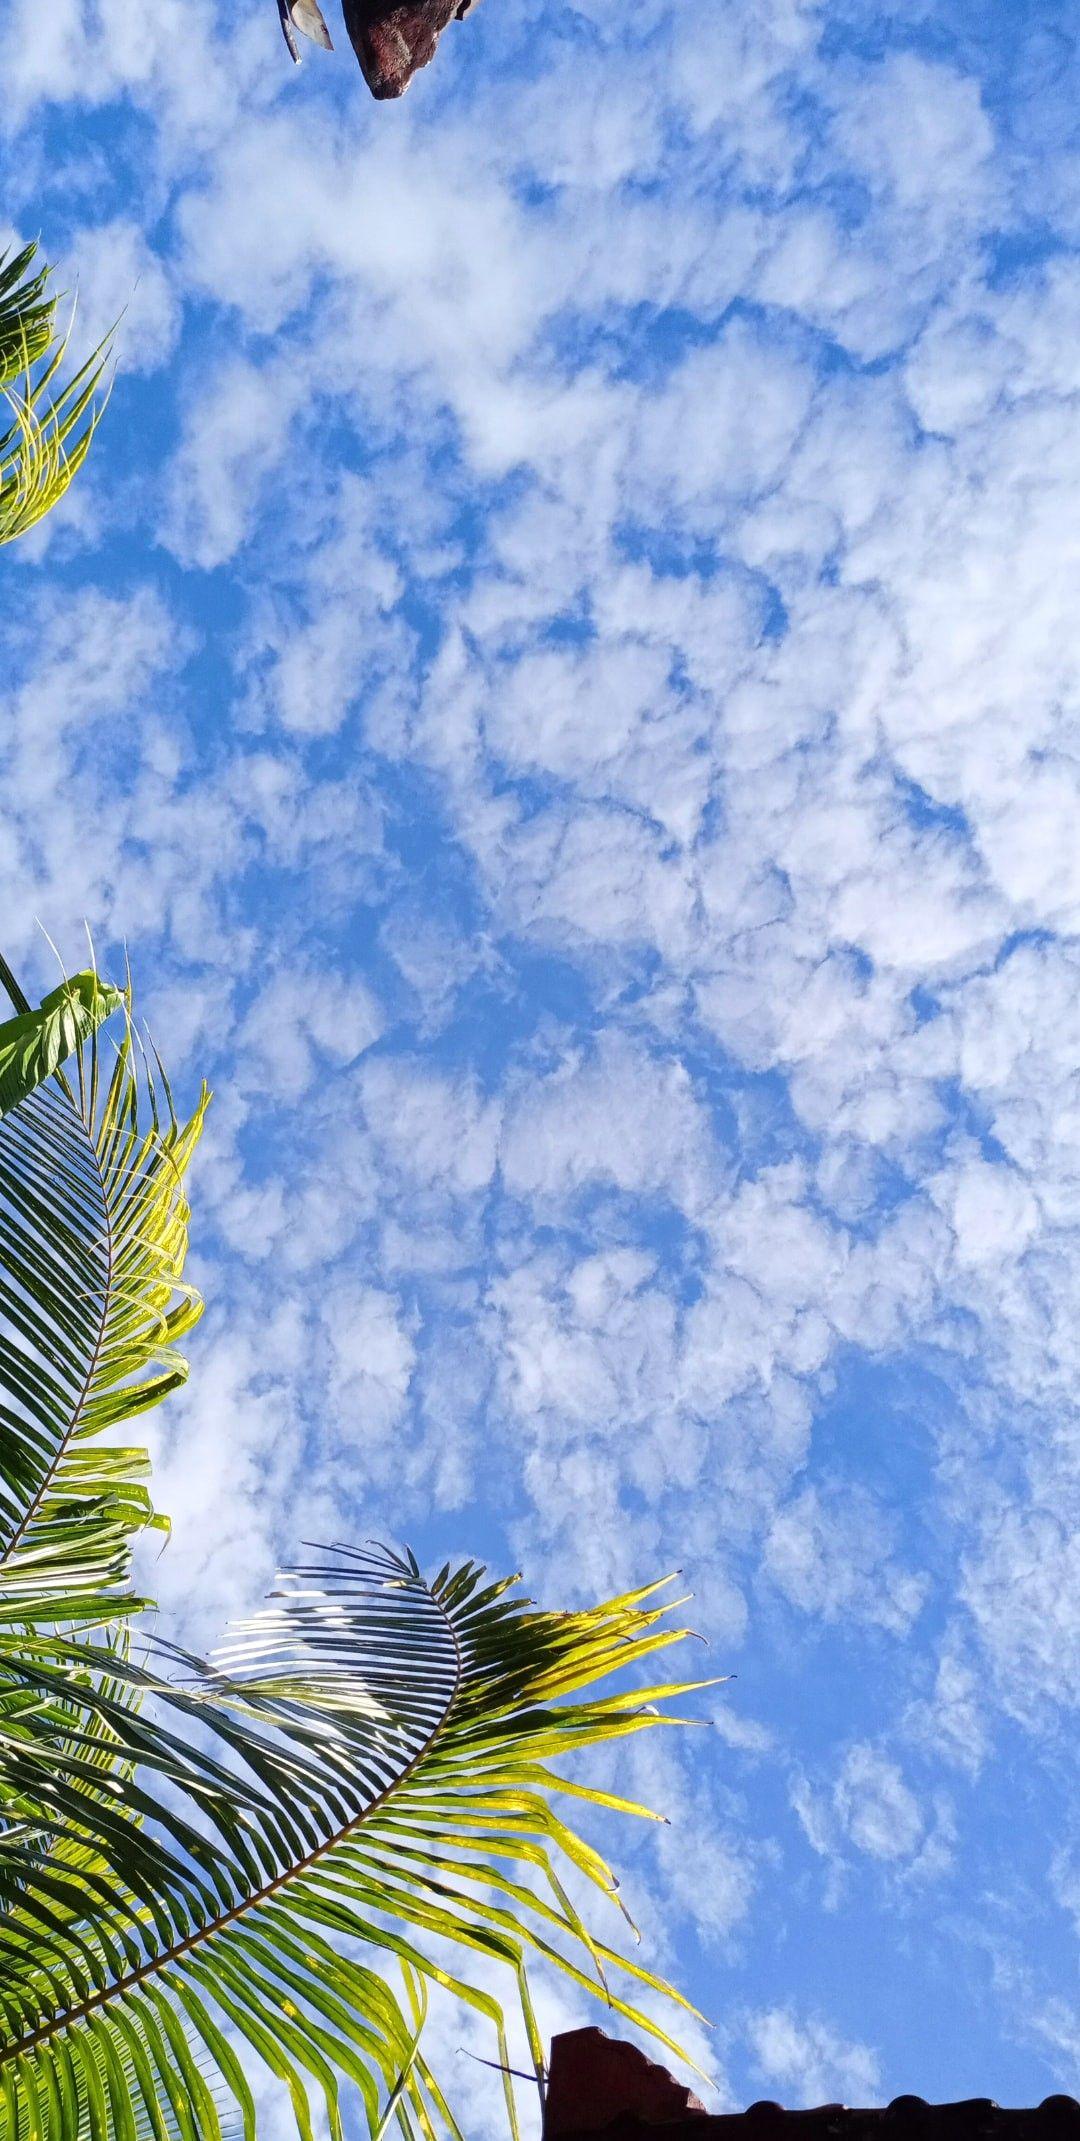 Langit Dan Awan Cantik | Fotografi Langit, Estetika Langit, Langit